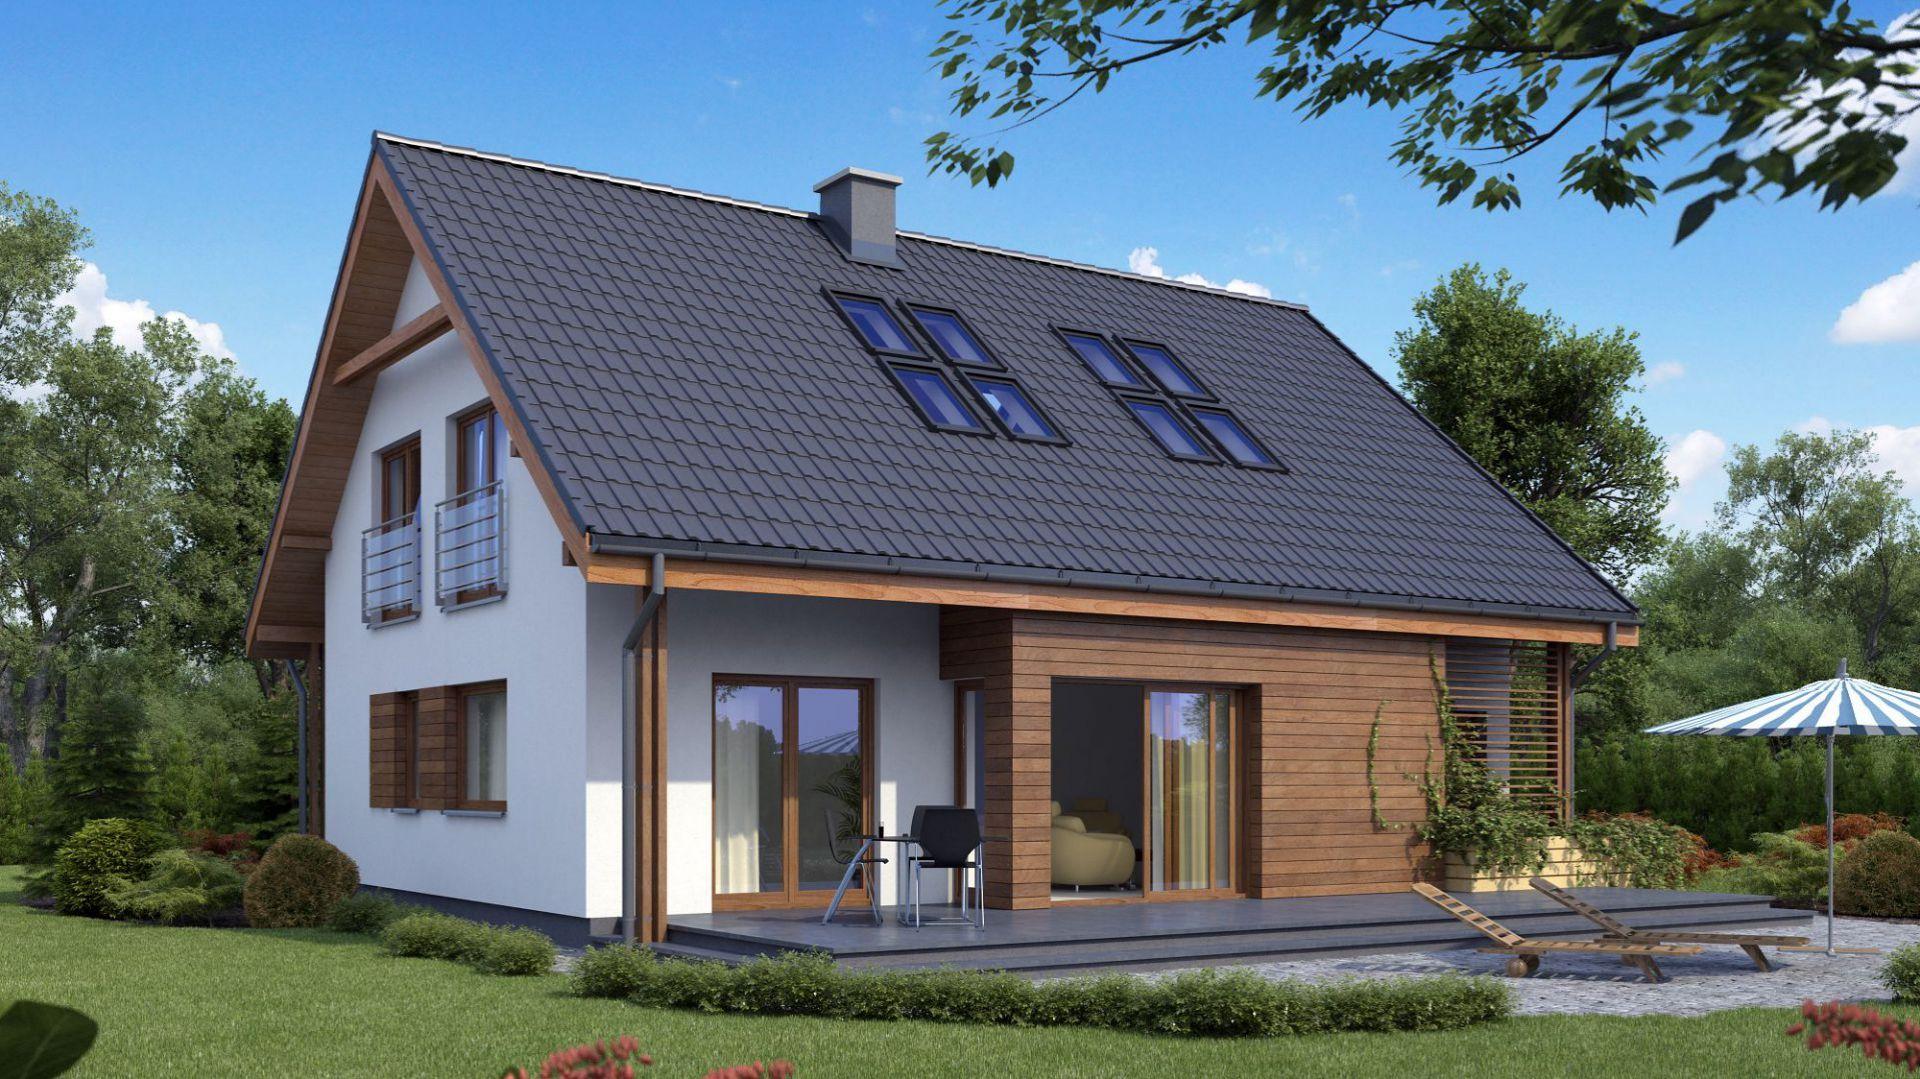 Image result for malowanie domu na zewnątrz